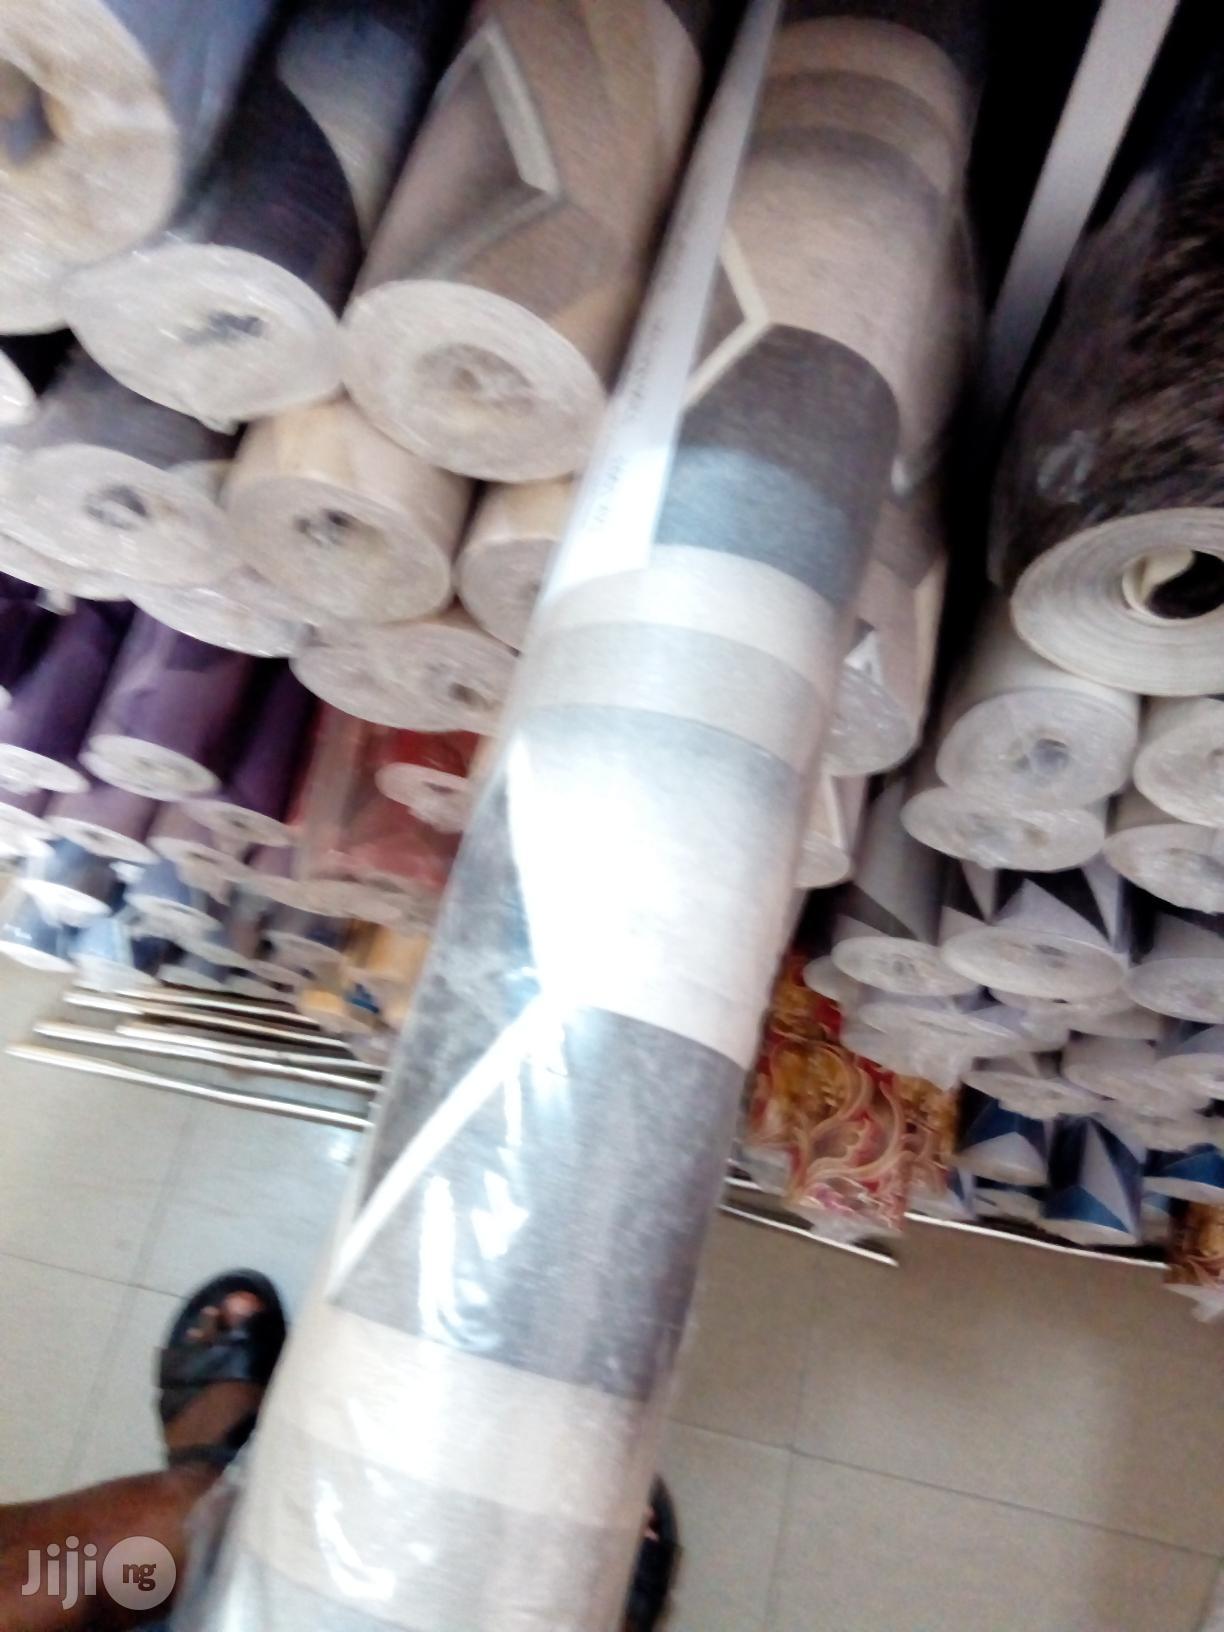 Wallpaper 3D Panels   Home Accessories for sale in Enugu, Enugu State, Nigeria